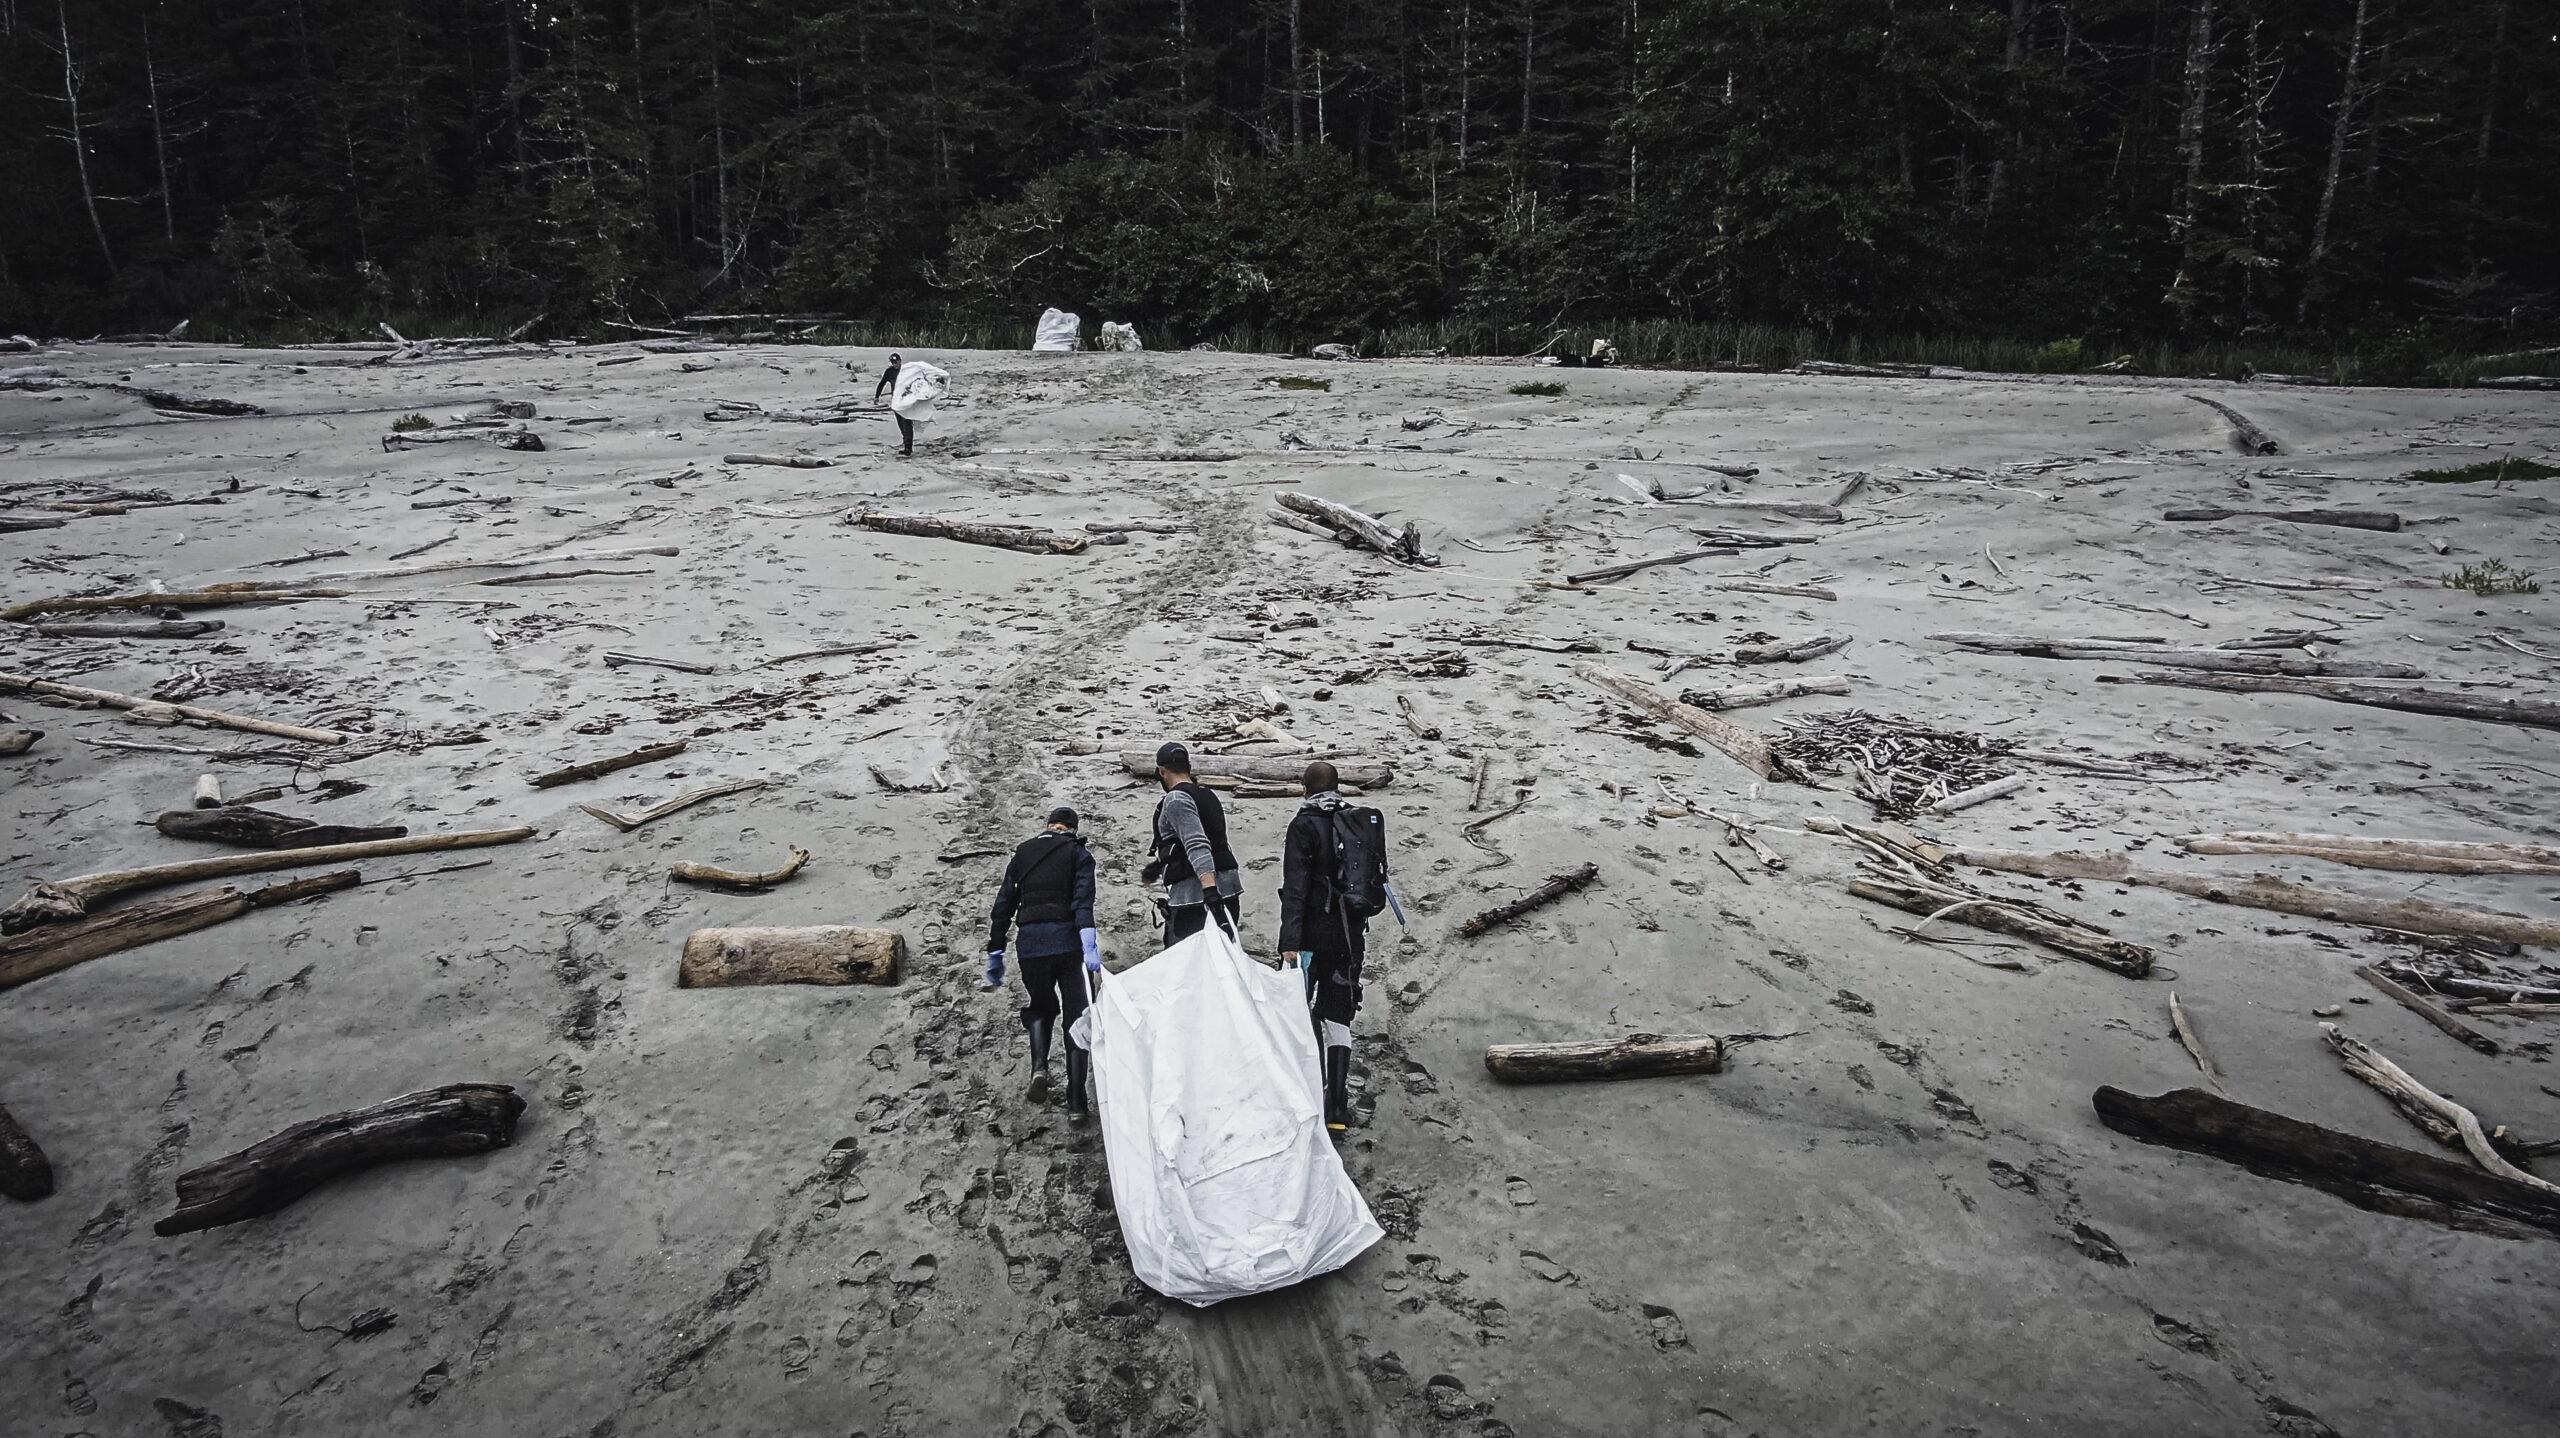 Dragging a bag, Clean Coast, Clean Waters Initiative